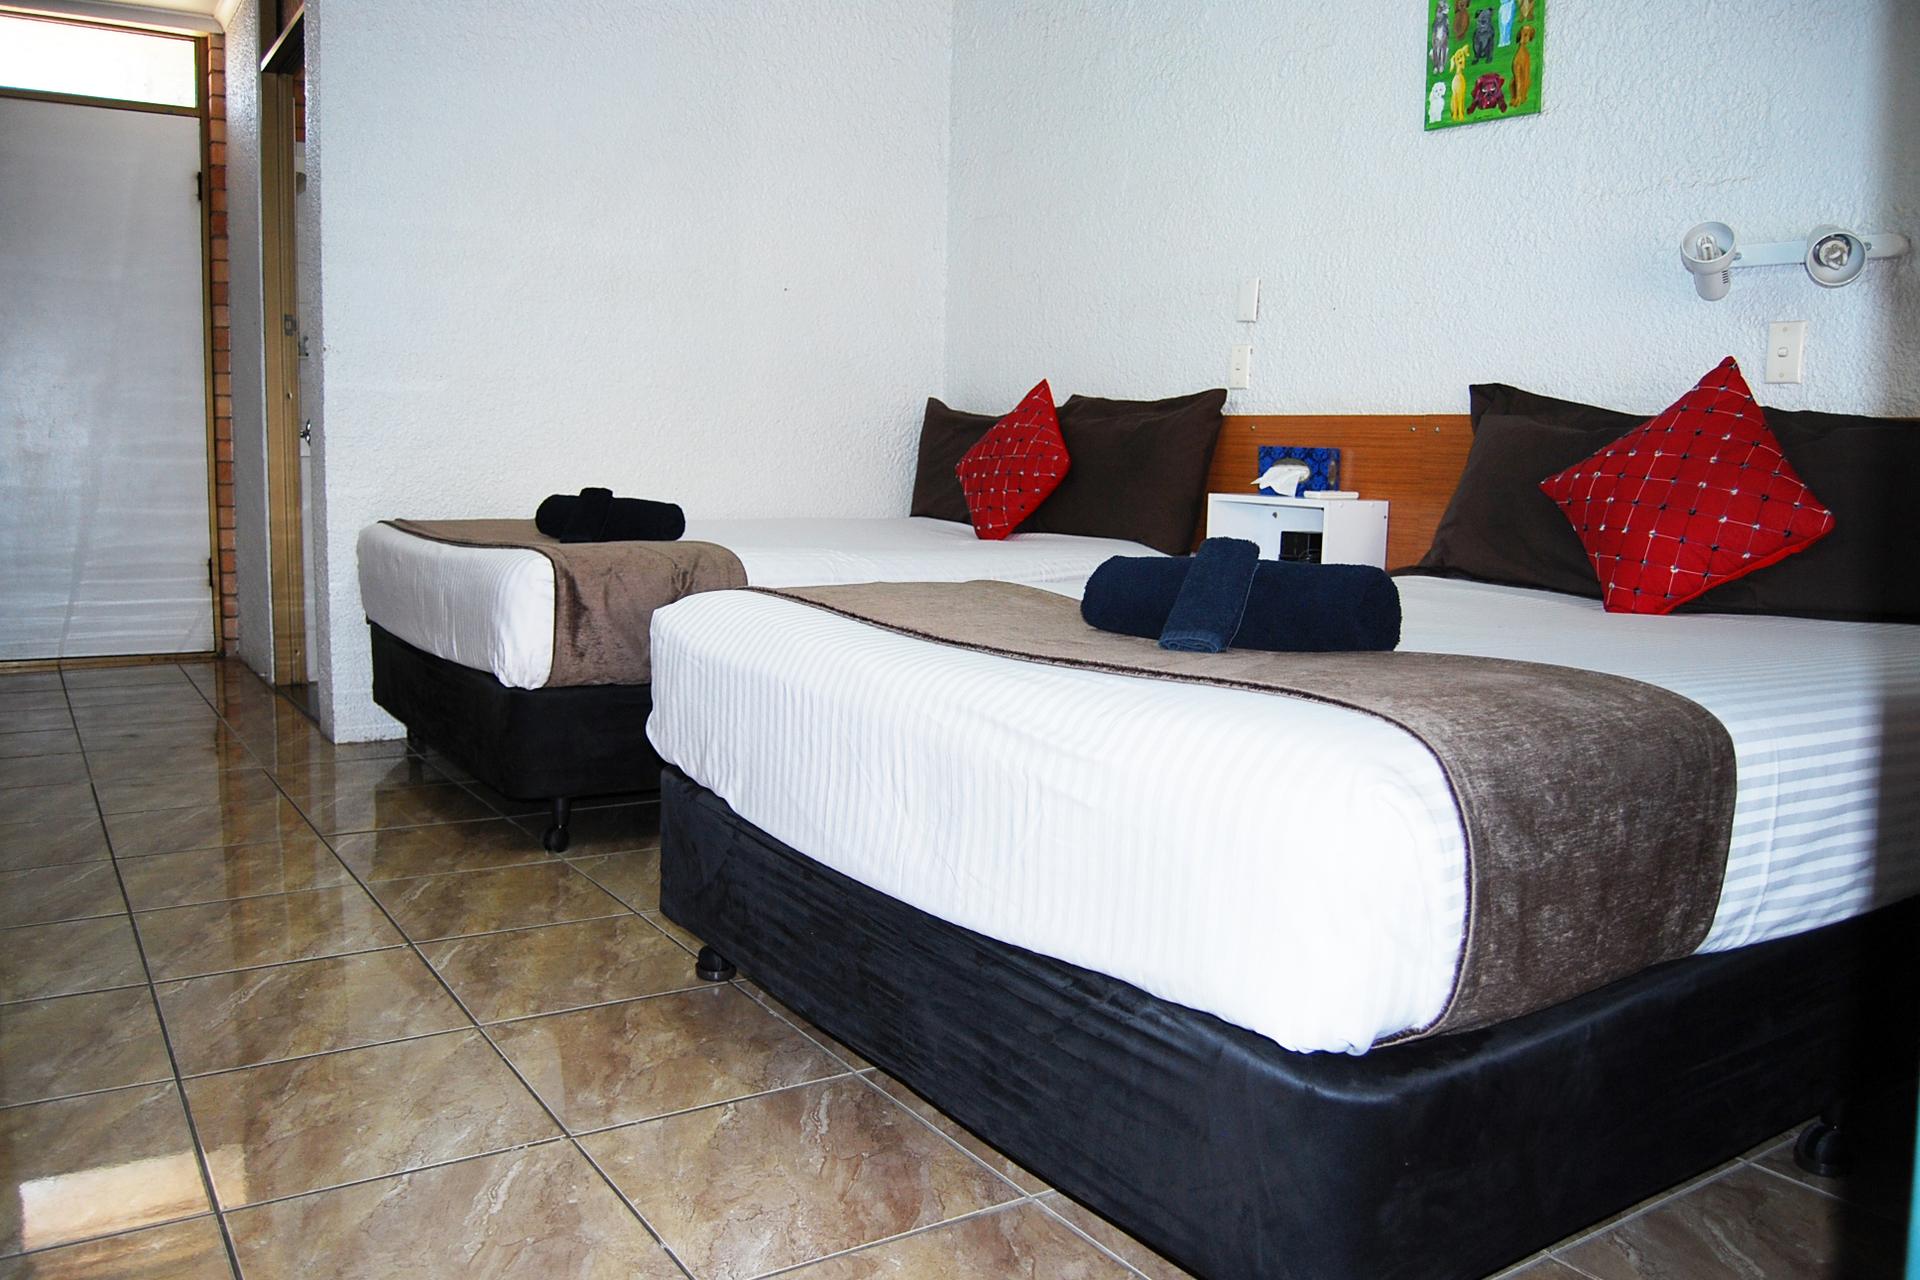 c - Abajaz Motor Inn